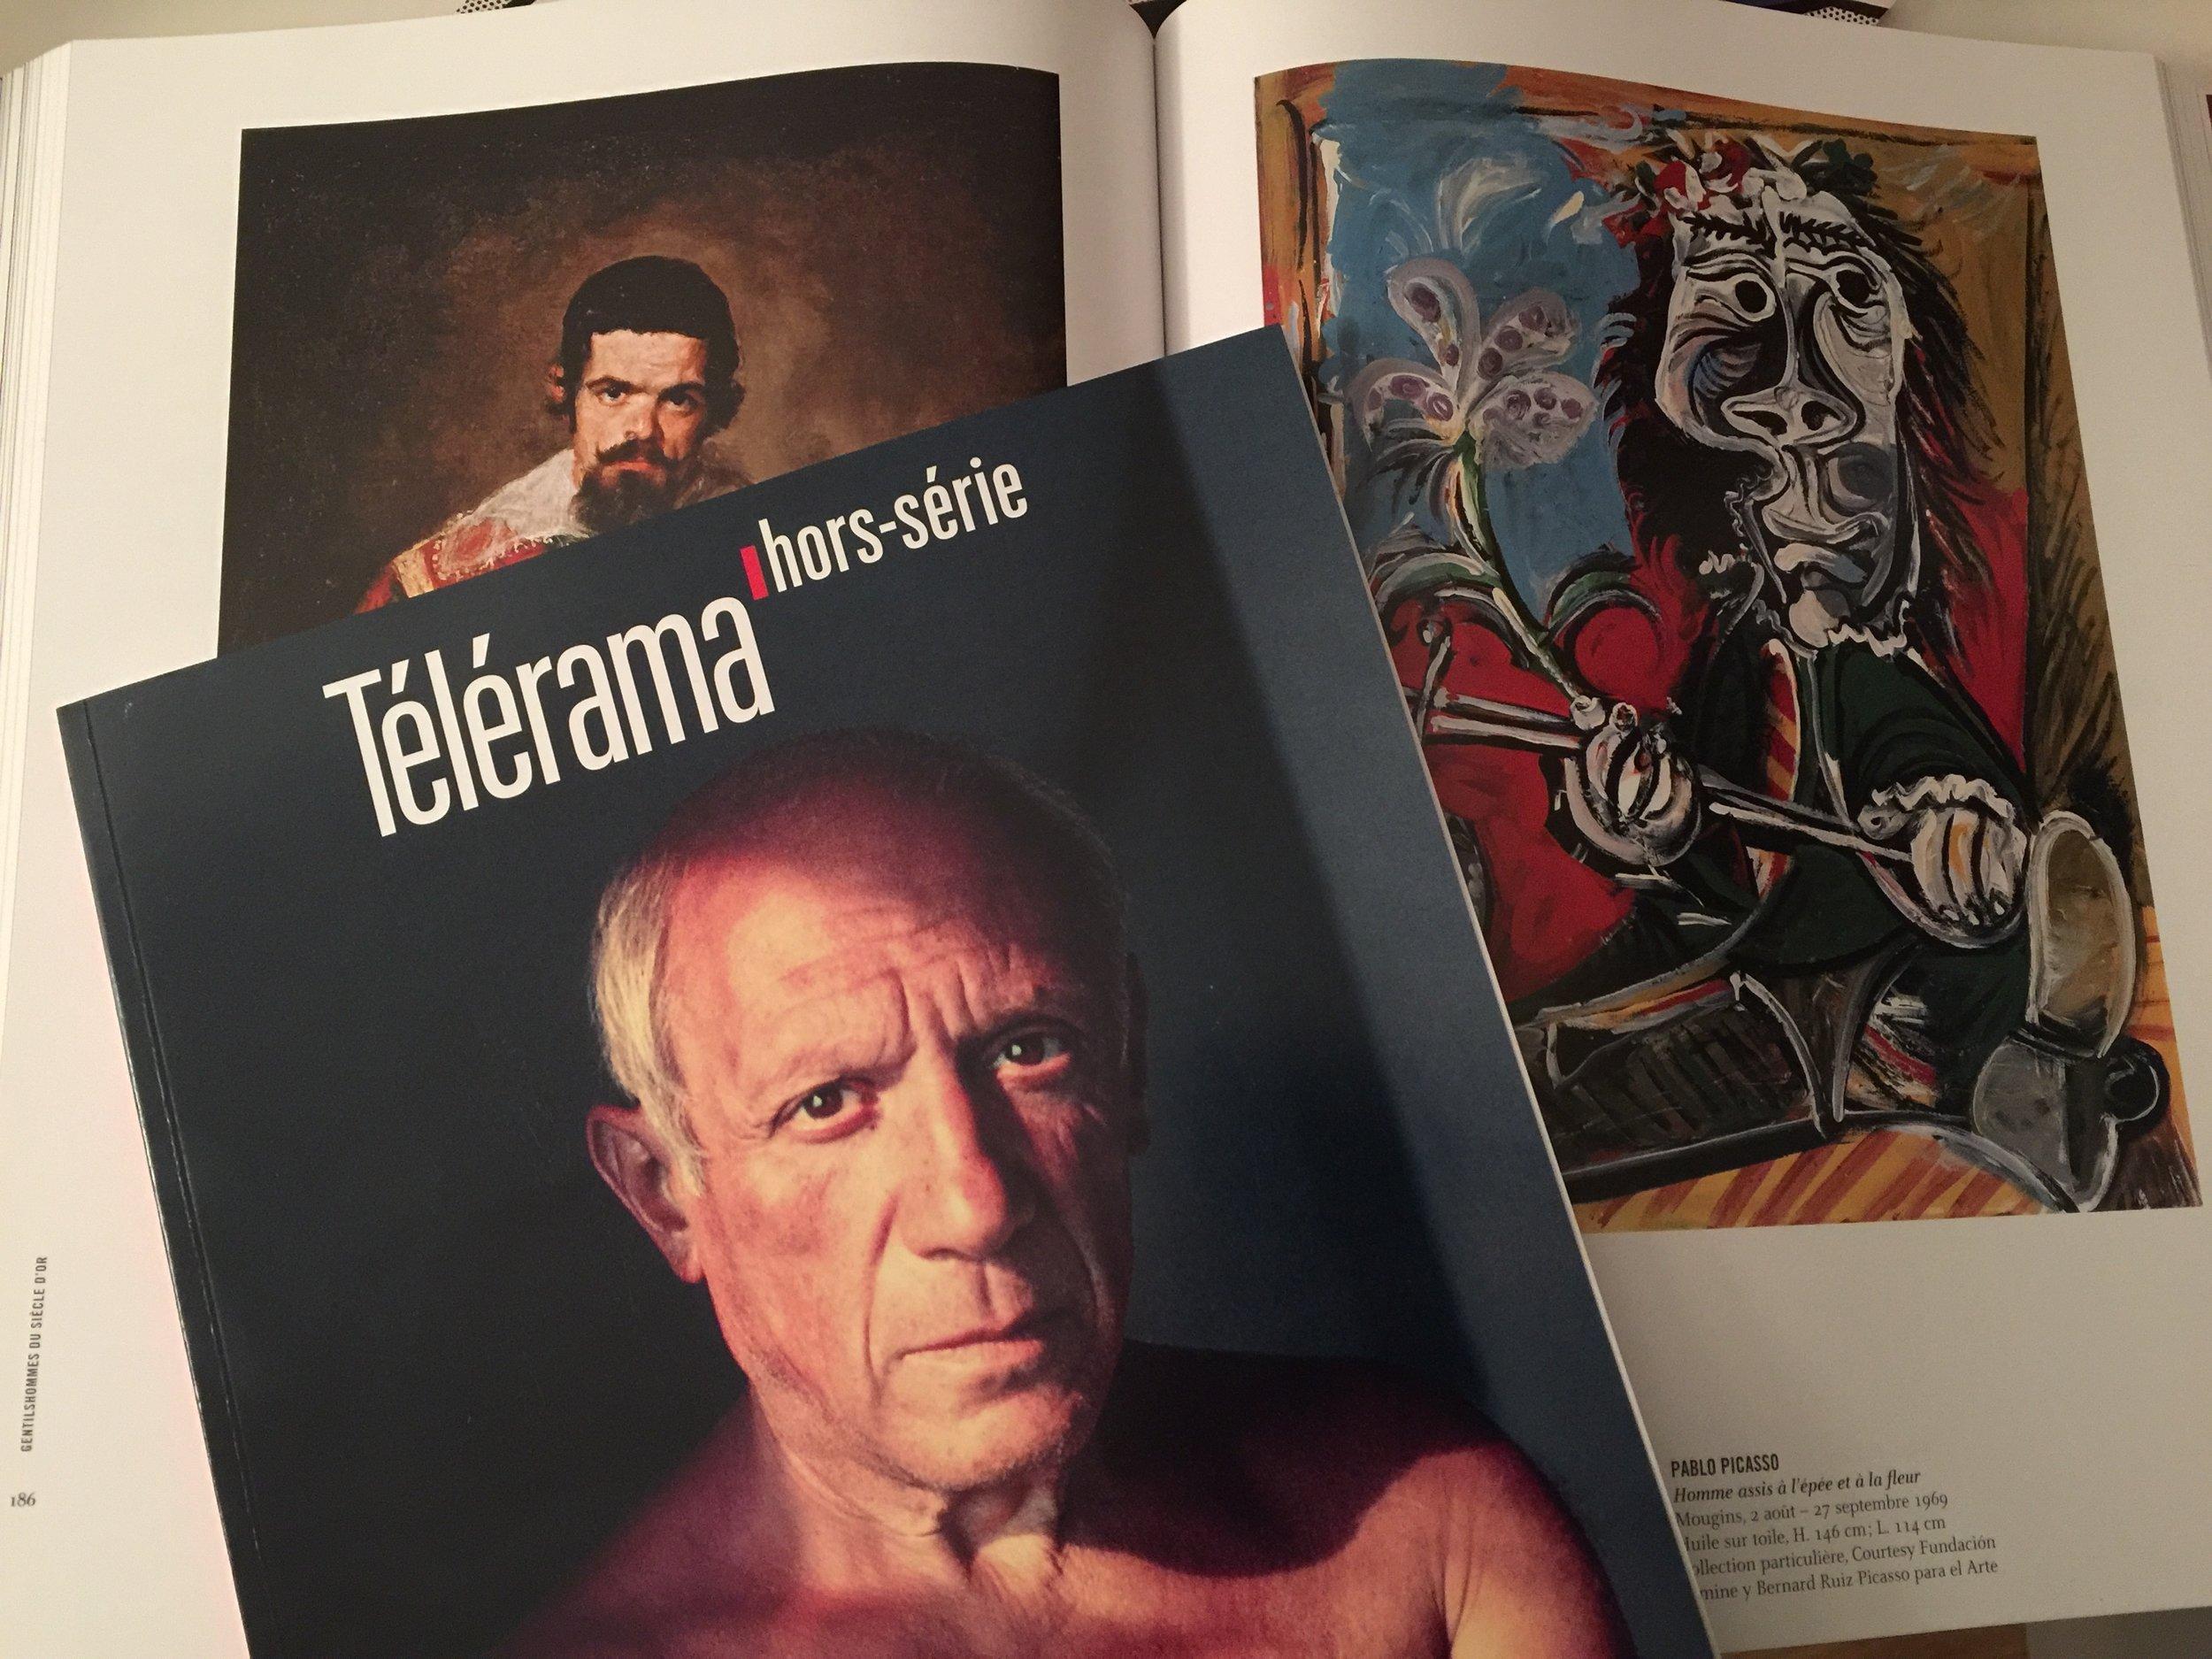 """Gjon Mili,  Picasso , 1948 / Diego Velasquez,  """"Portrait du nain Sebastian de Morra"""" , 1644 / Pablo Picasso,  """"Homme assis à l'épée et à la fleur"""" , 1969"""